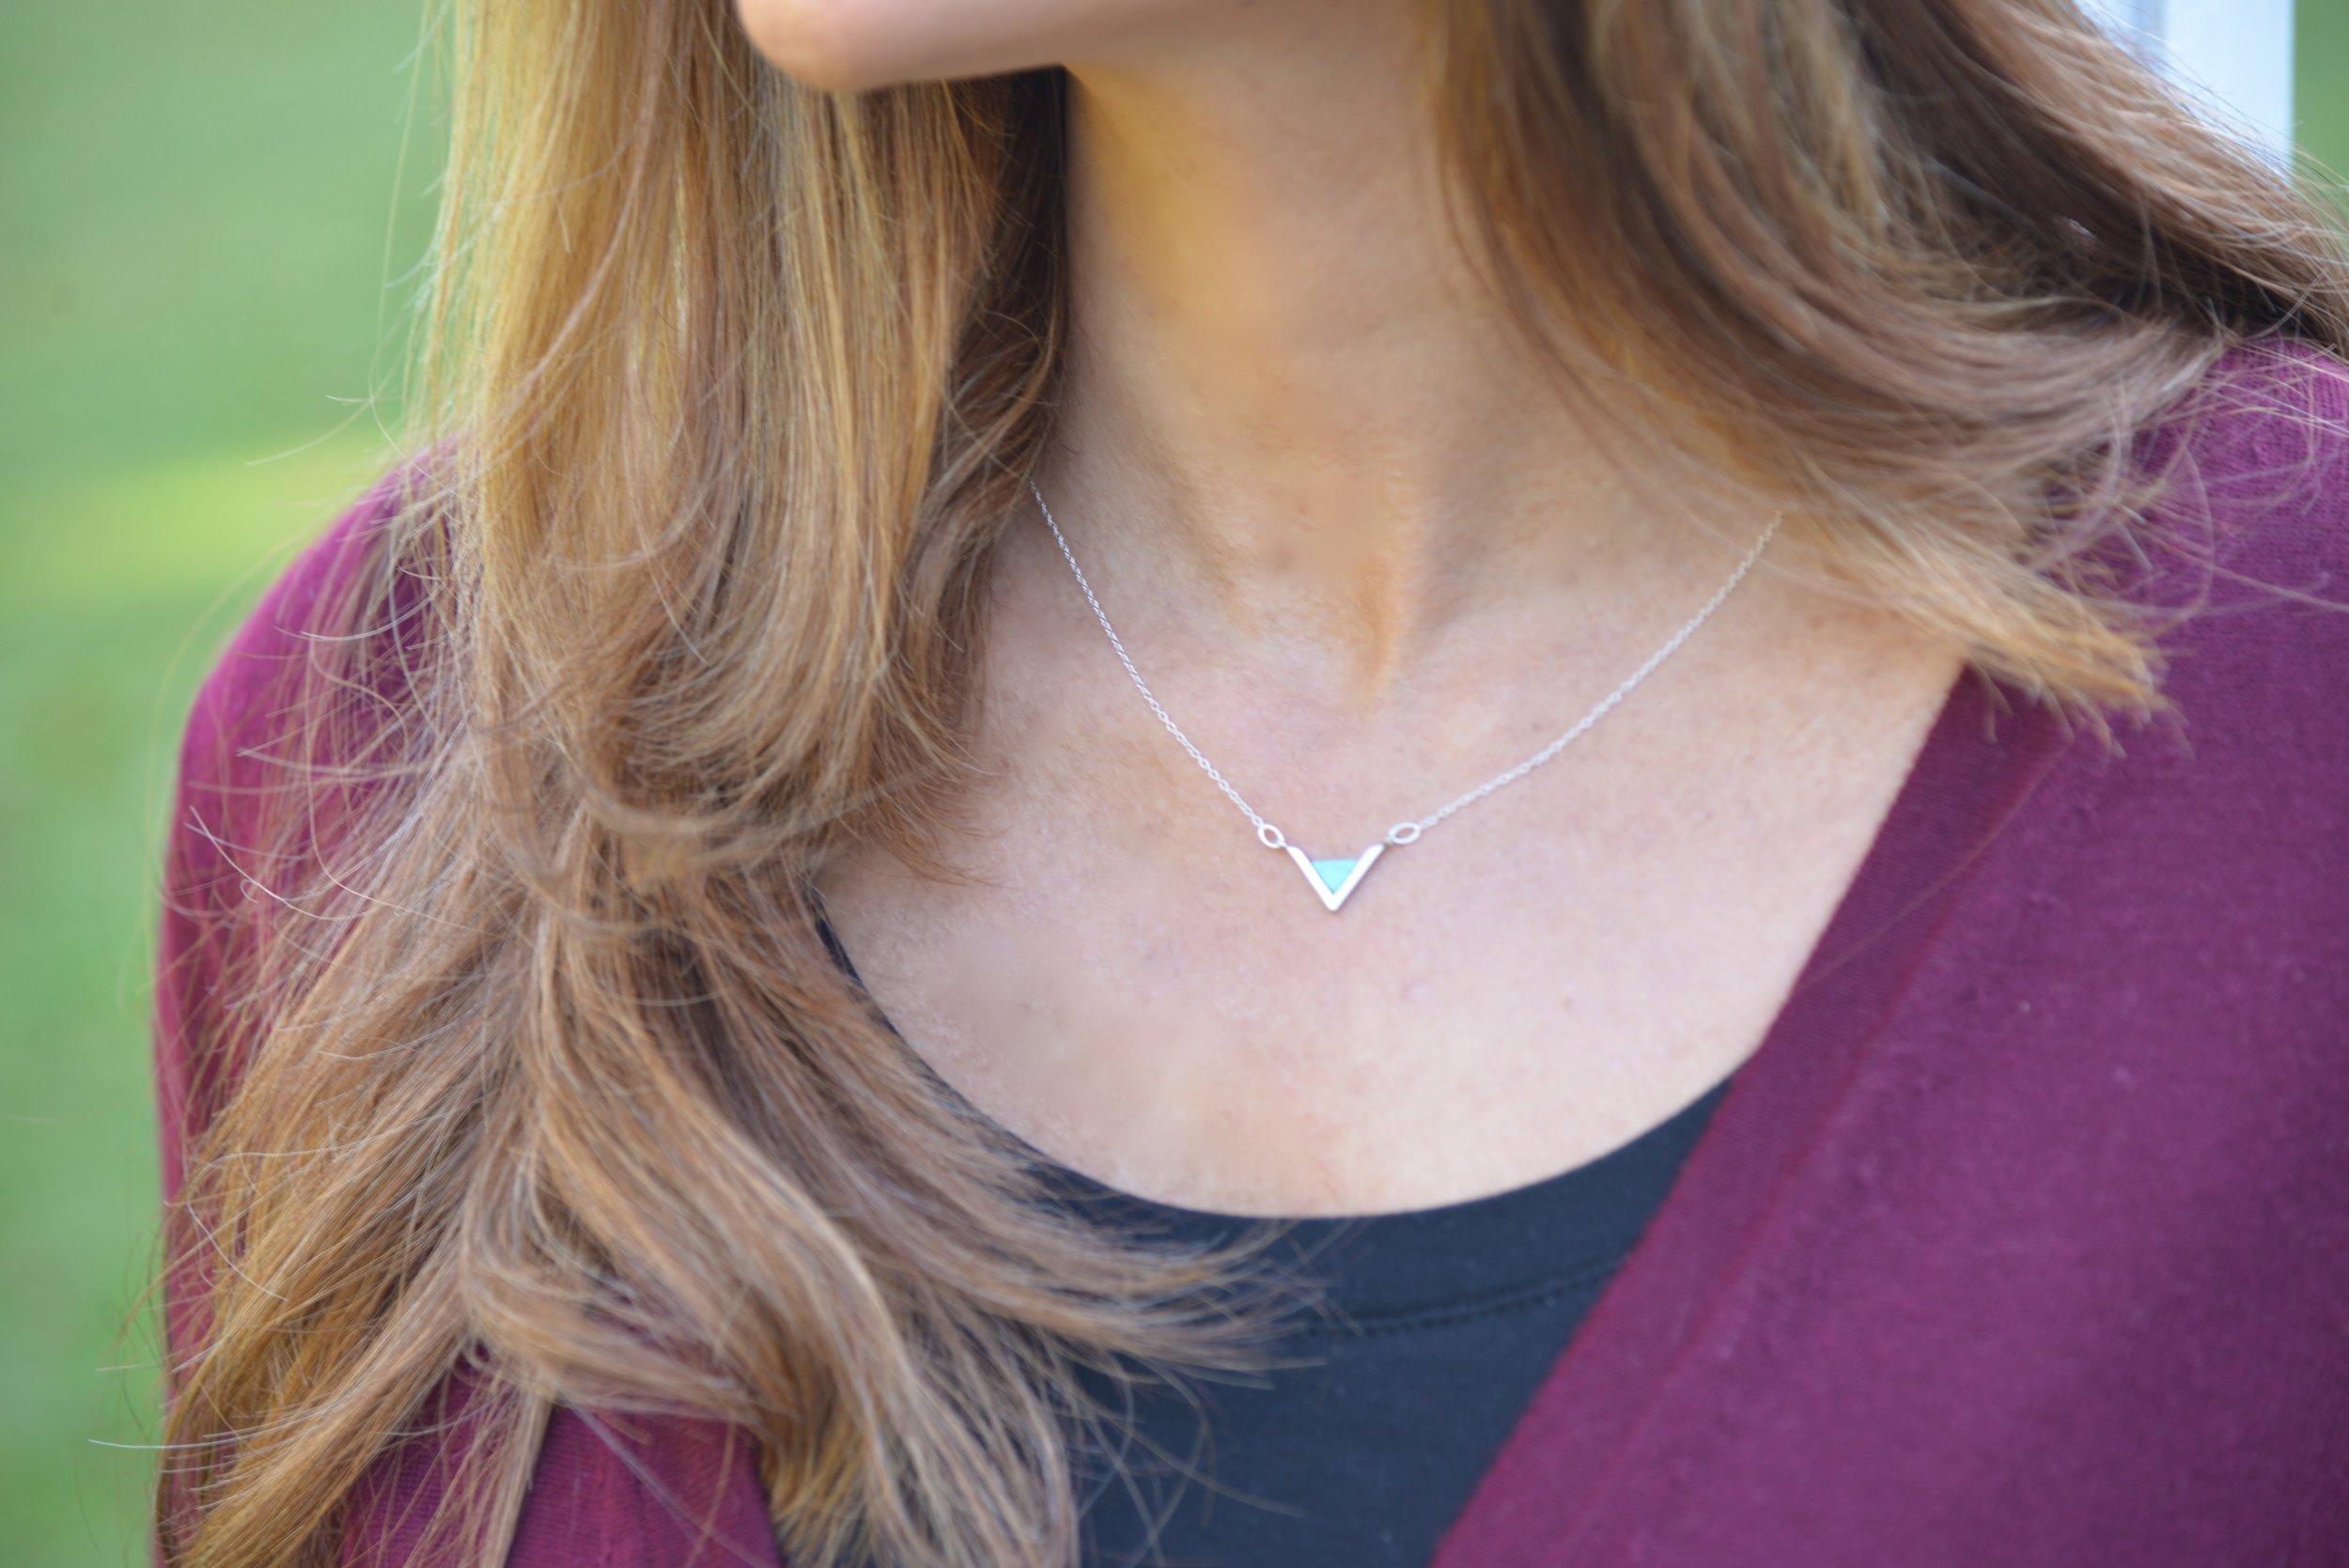 Trendy Jewelry - Tiny Triangle Necklace